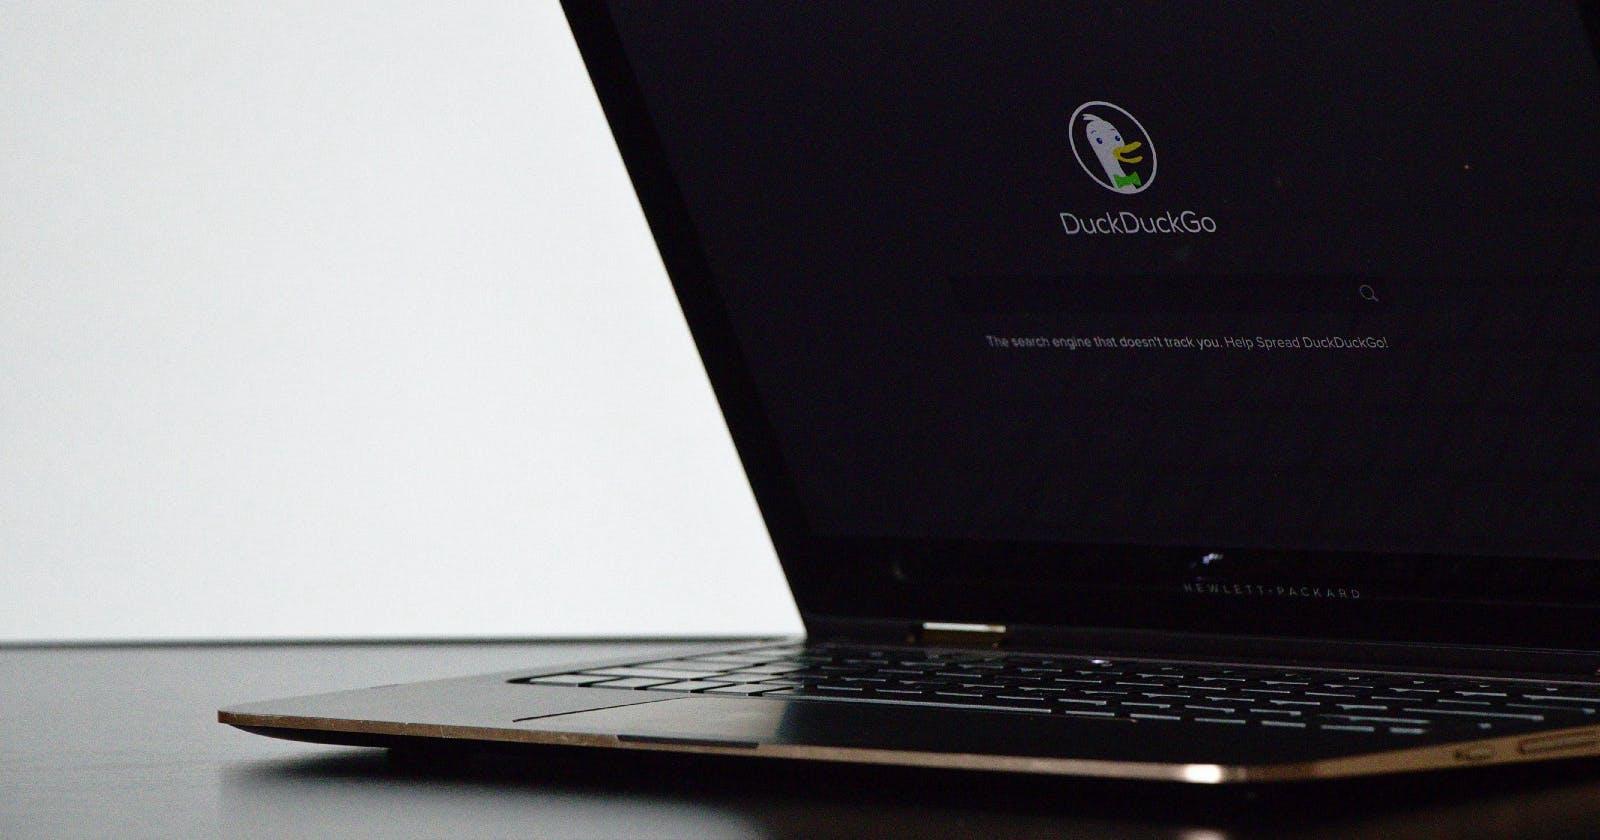 Is Apple Going to Buy DuckDuckGo?